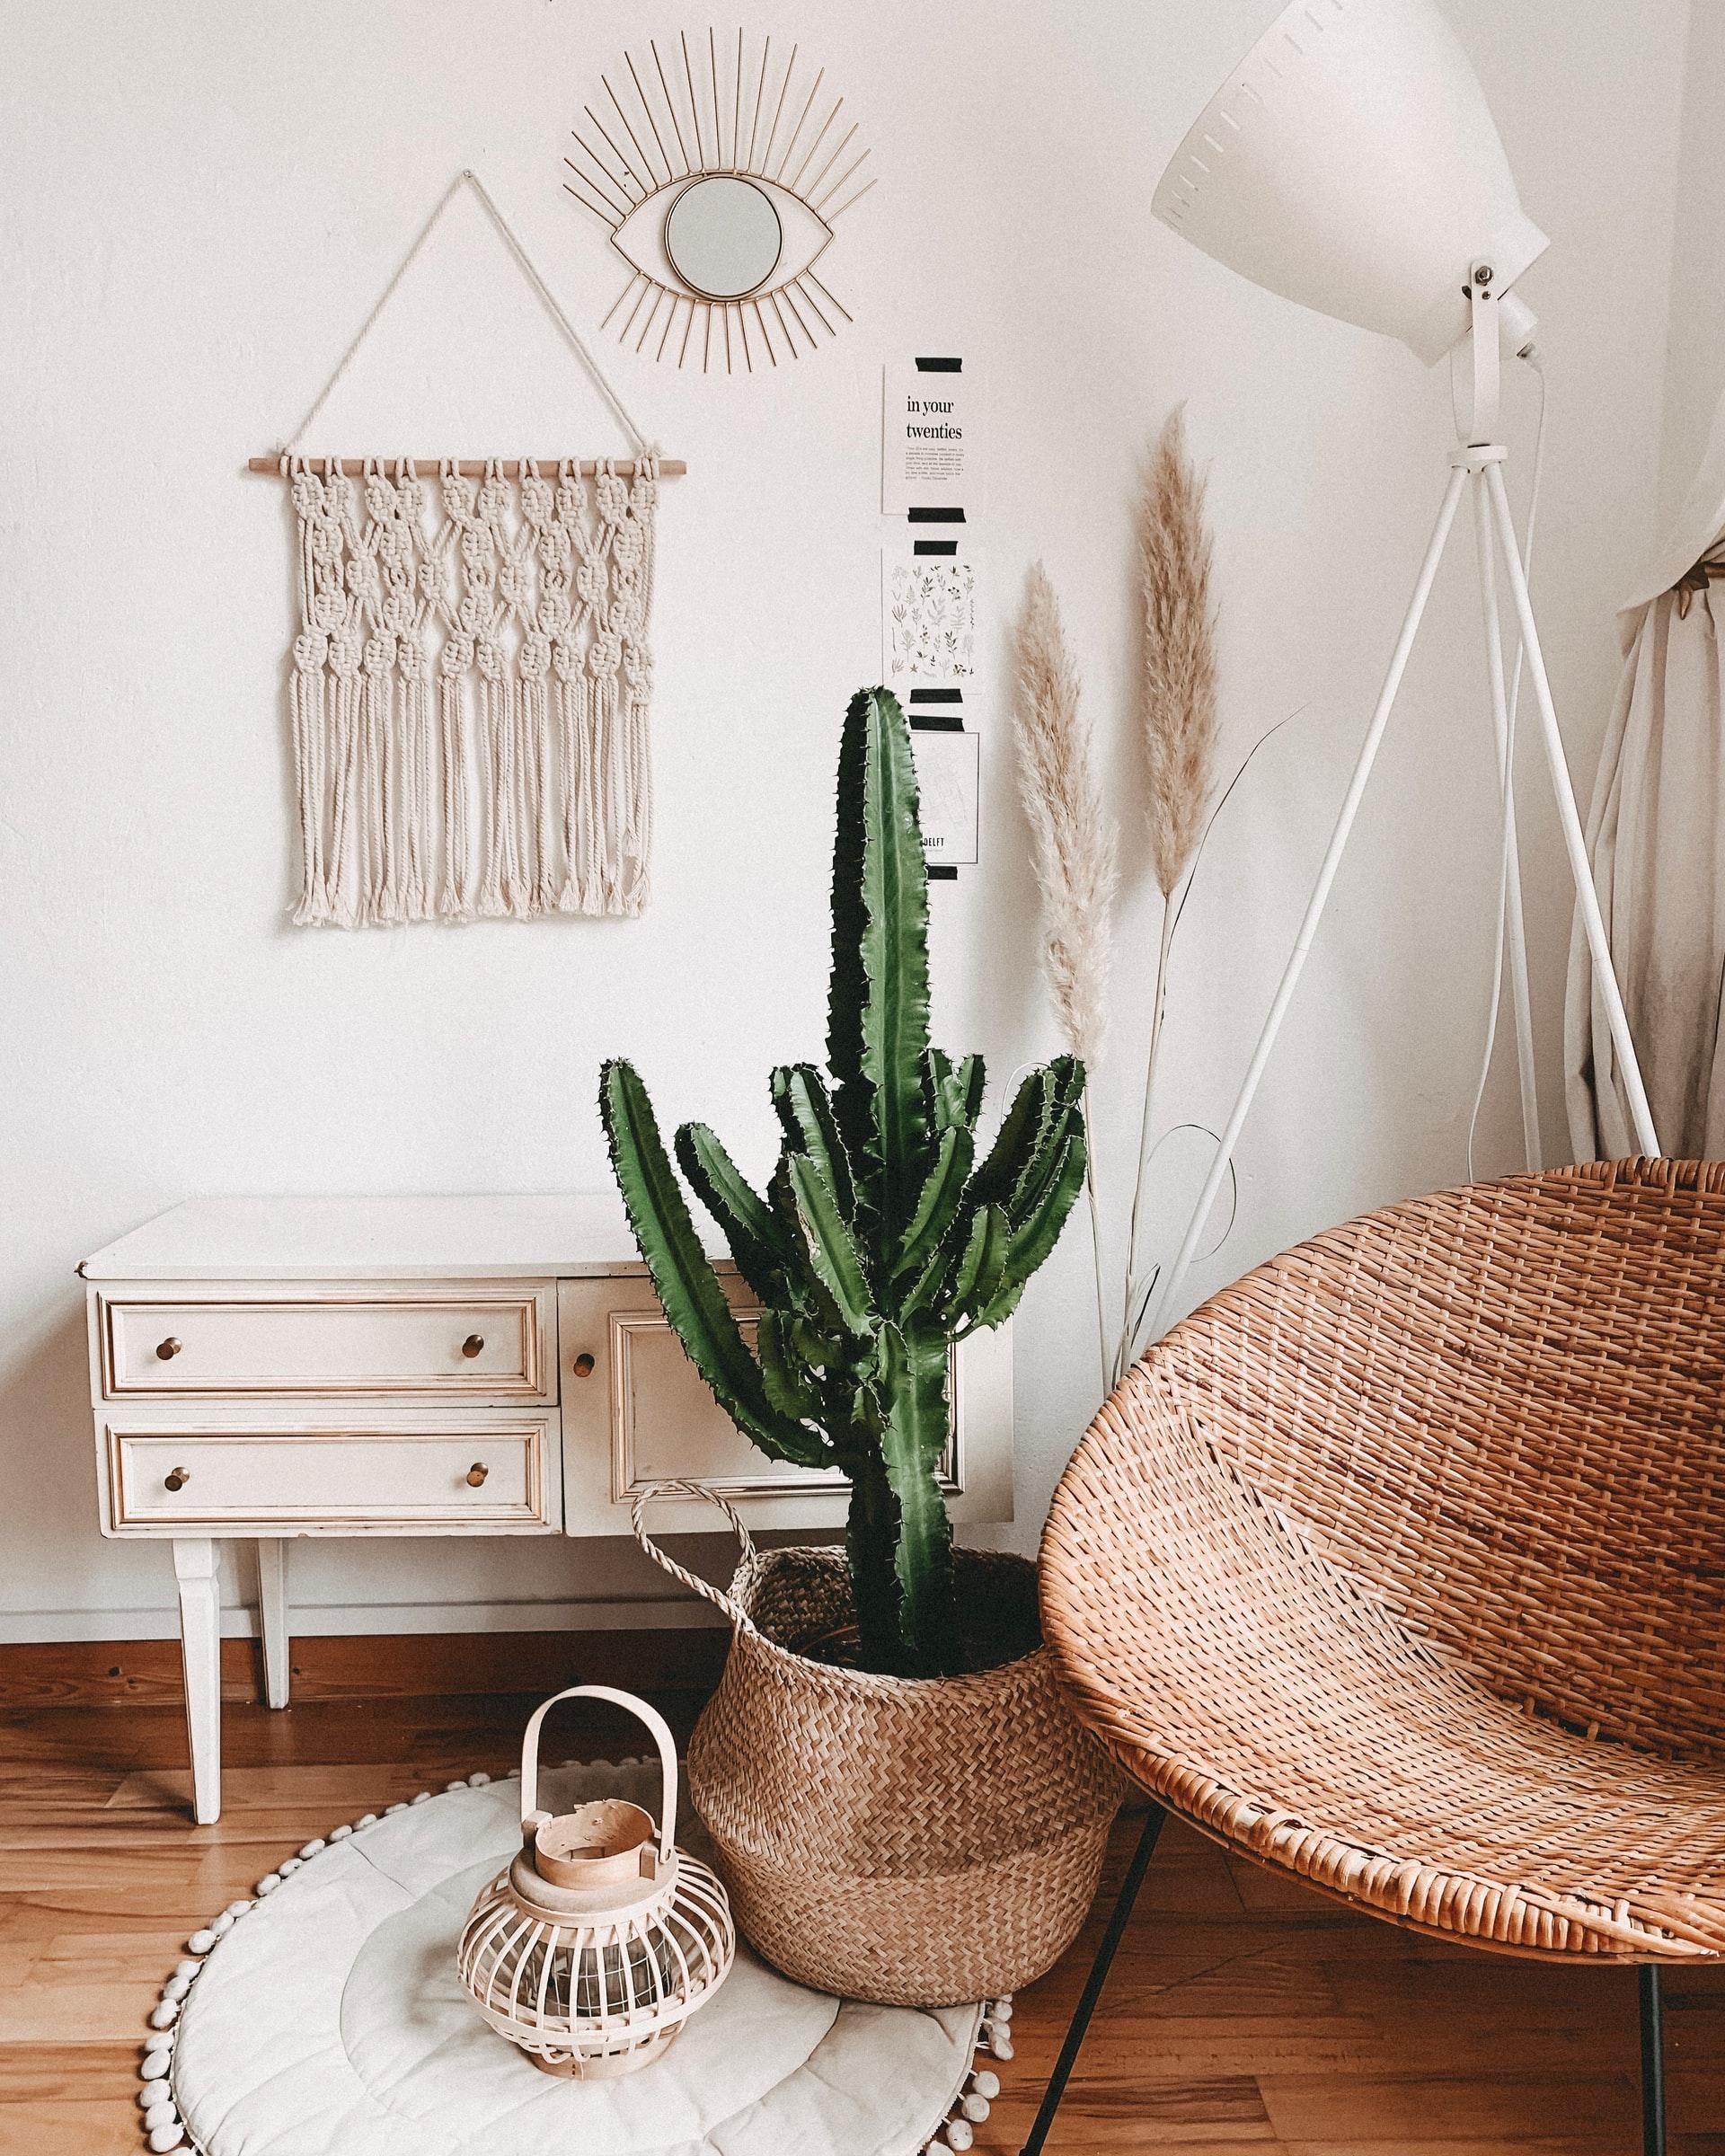 Zimmerdeko mit großen Kaktus und Beachhouseoptik